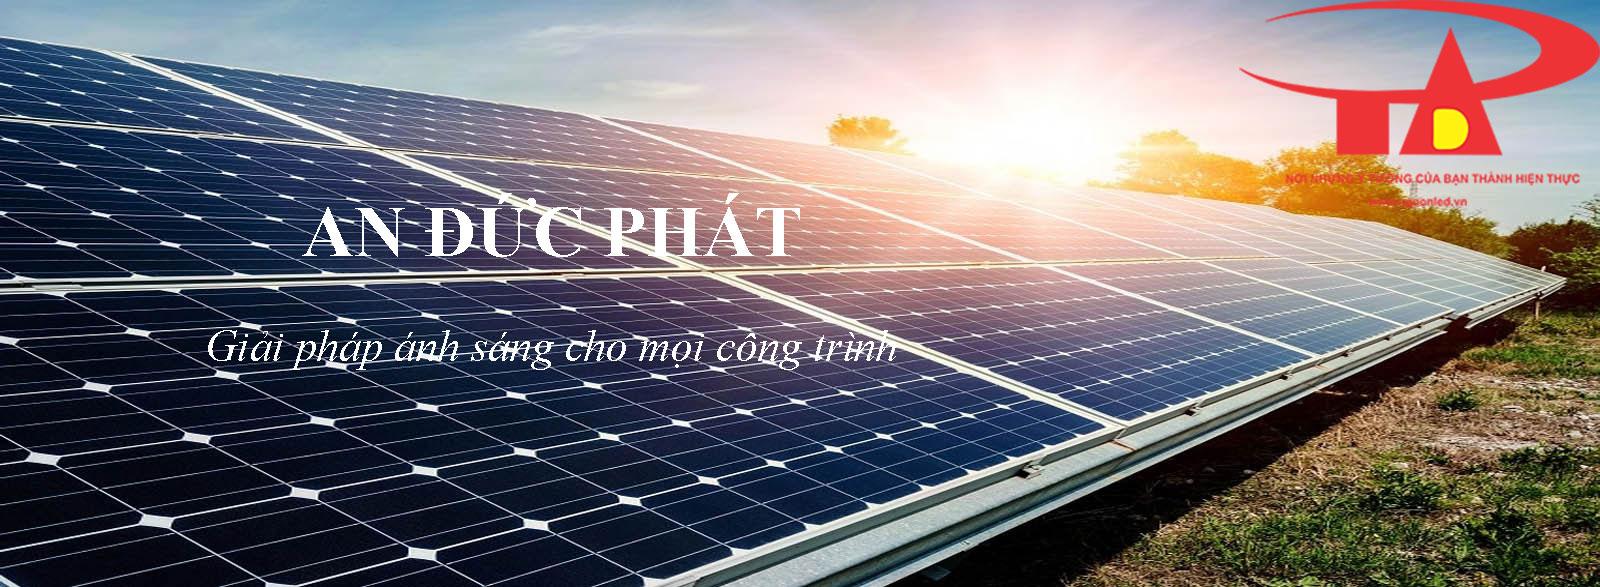 công ty phân phối thiết bị chiếu sáng năng lượng mặt trời loại tốt, chất lượng An Đức Phát